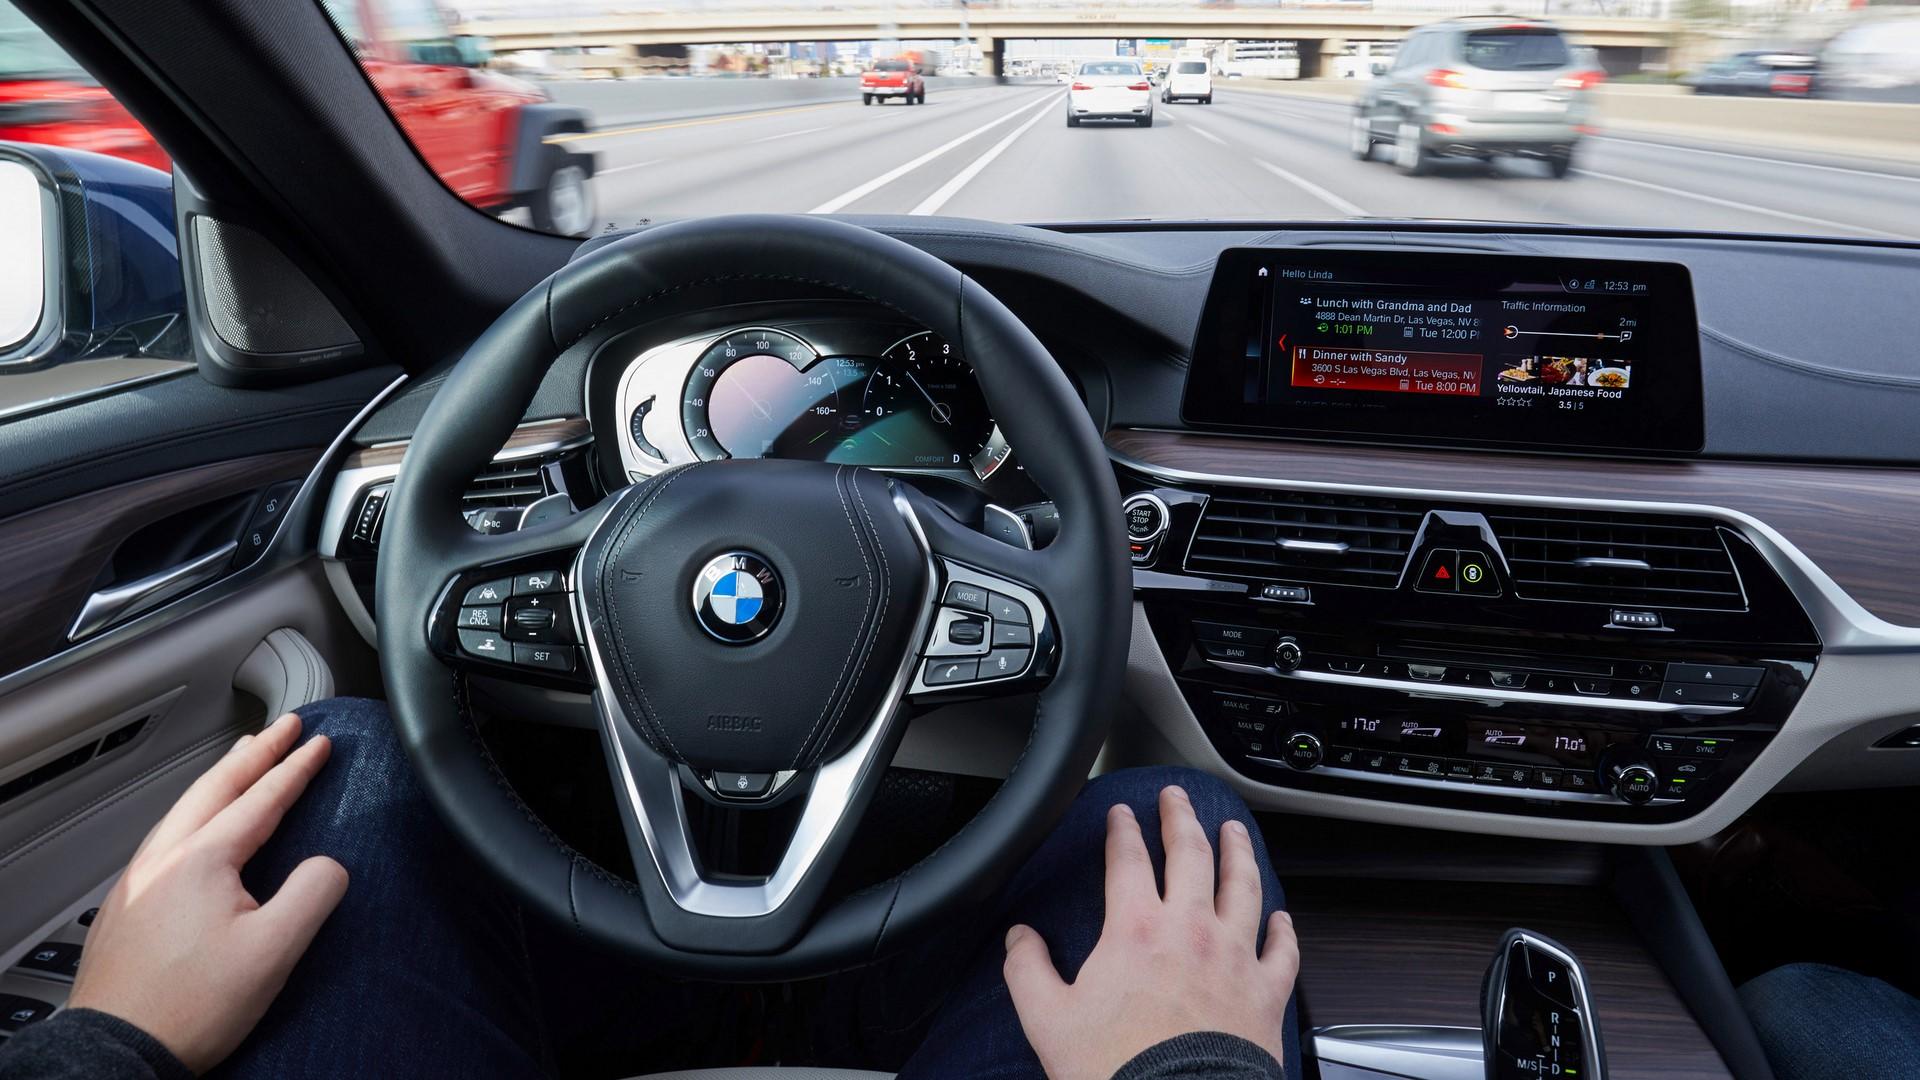 BMW 5 Series Autonomous Prototype (10)